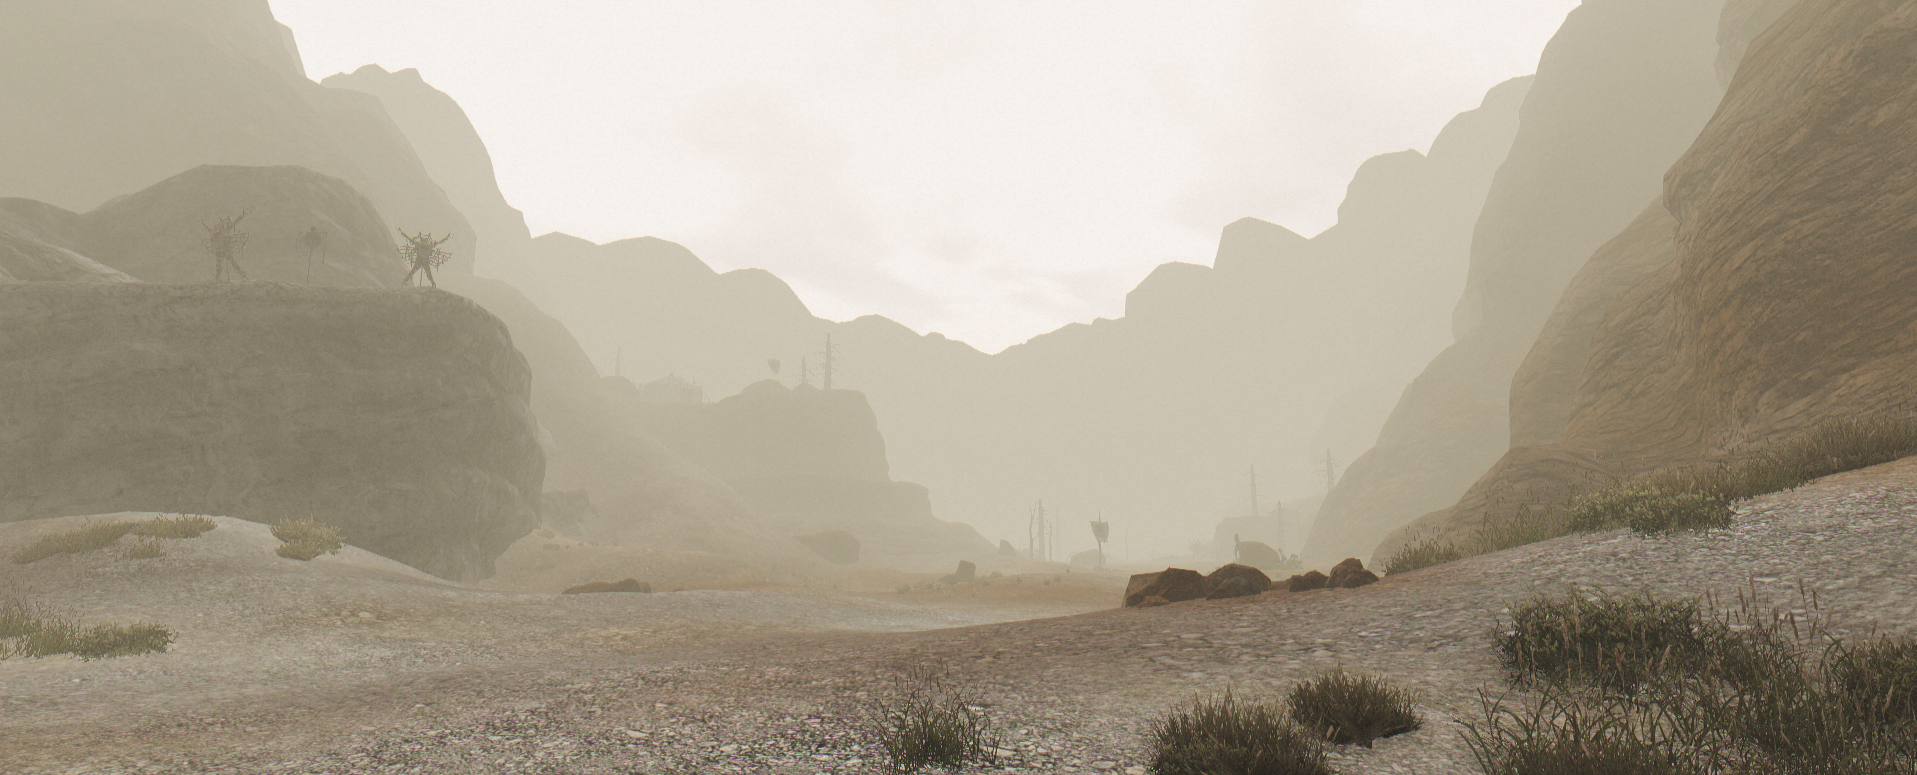 FalloutNV exe DX9 20161121 22051